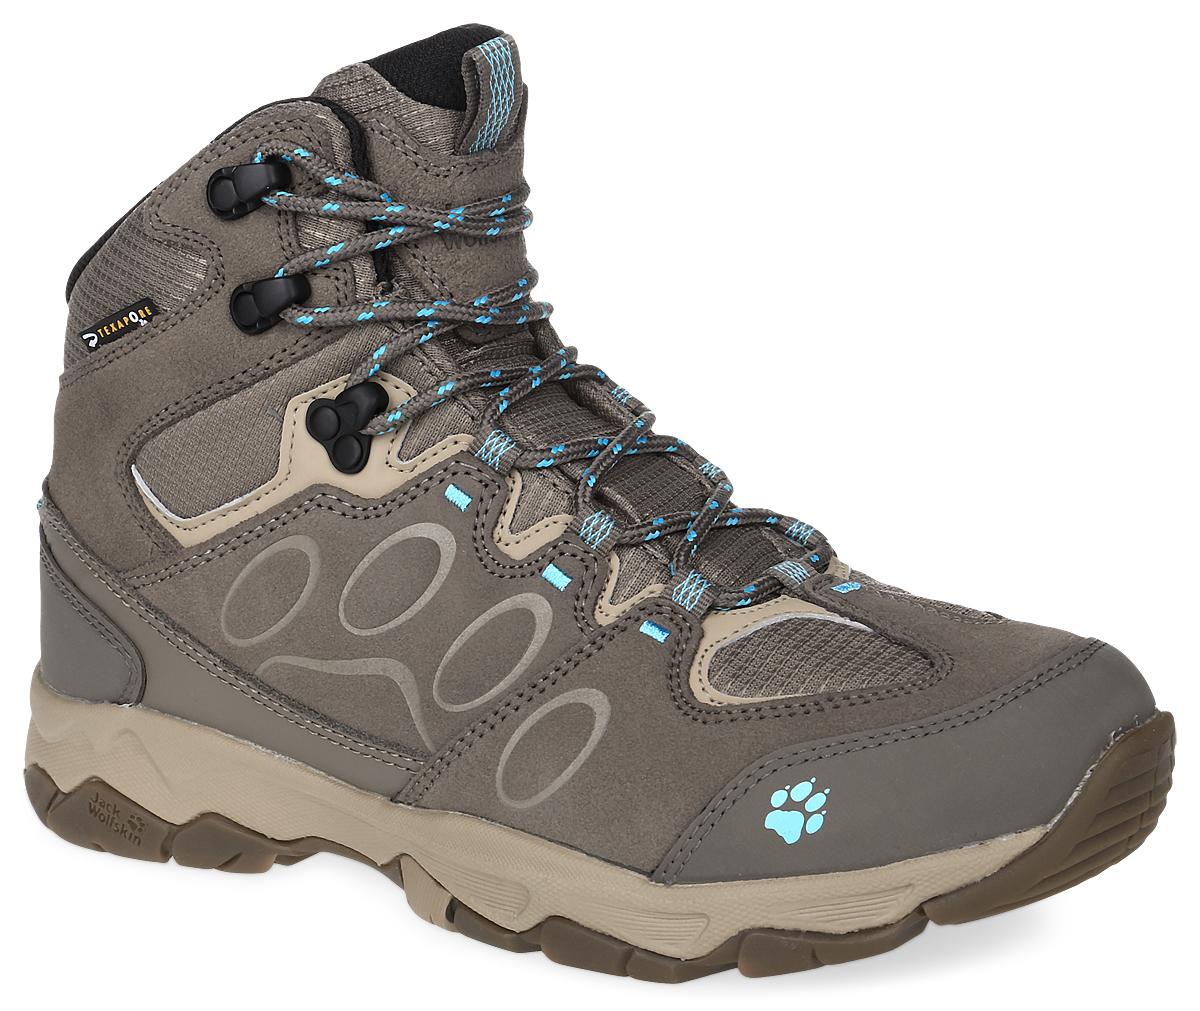 Ботинки4017591-1044Женские трекинговые ботинки MTN Attack 5 Texapore от Jack Wolfskin прекрасно подойдут для активного отдыха и пеших прогулок. Верх модели выполнен из натуральной замши со вставками из водонепроницаемого текстиля. Обувь оформлена на мысе и на заднике логотипом бренда, на язычке - фирменной нашивкой. Шнуровка позволяет оптимально зафиксировать модель на ноге. Язычок дополнен текстильной петлей для легкого обувания. Тонкий, хорошо изолирующий утеплитель Thinsulate. Водонепроницаемая, дышащая мембрана Texapore. Стелька EVA с текстильной поверхностью для амортизации и комфорта. Быстросохнущая подкладка Circuliner обеспечивает отличную вентиляцию. Комфорт при ходьбе и надежную устойчивость обеспечивает подошва Wolf Hike Cl, которая характеризуется улучшенными характеристиками переката и легкой амортизацией. Эти ботинки оптимальный вариант для трекинга. В них вашим ногам будет комфортно и уютно.